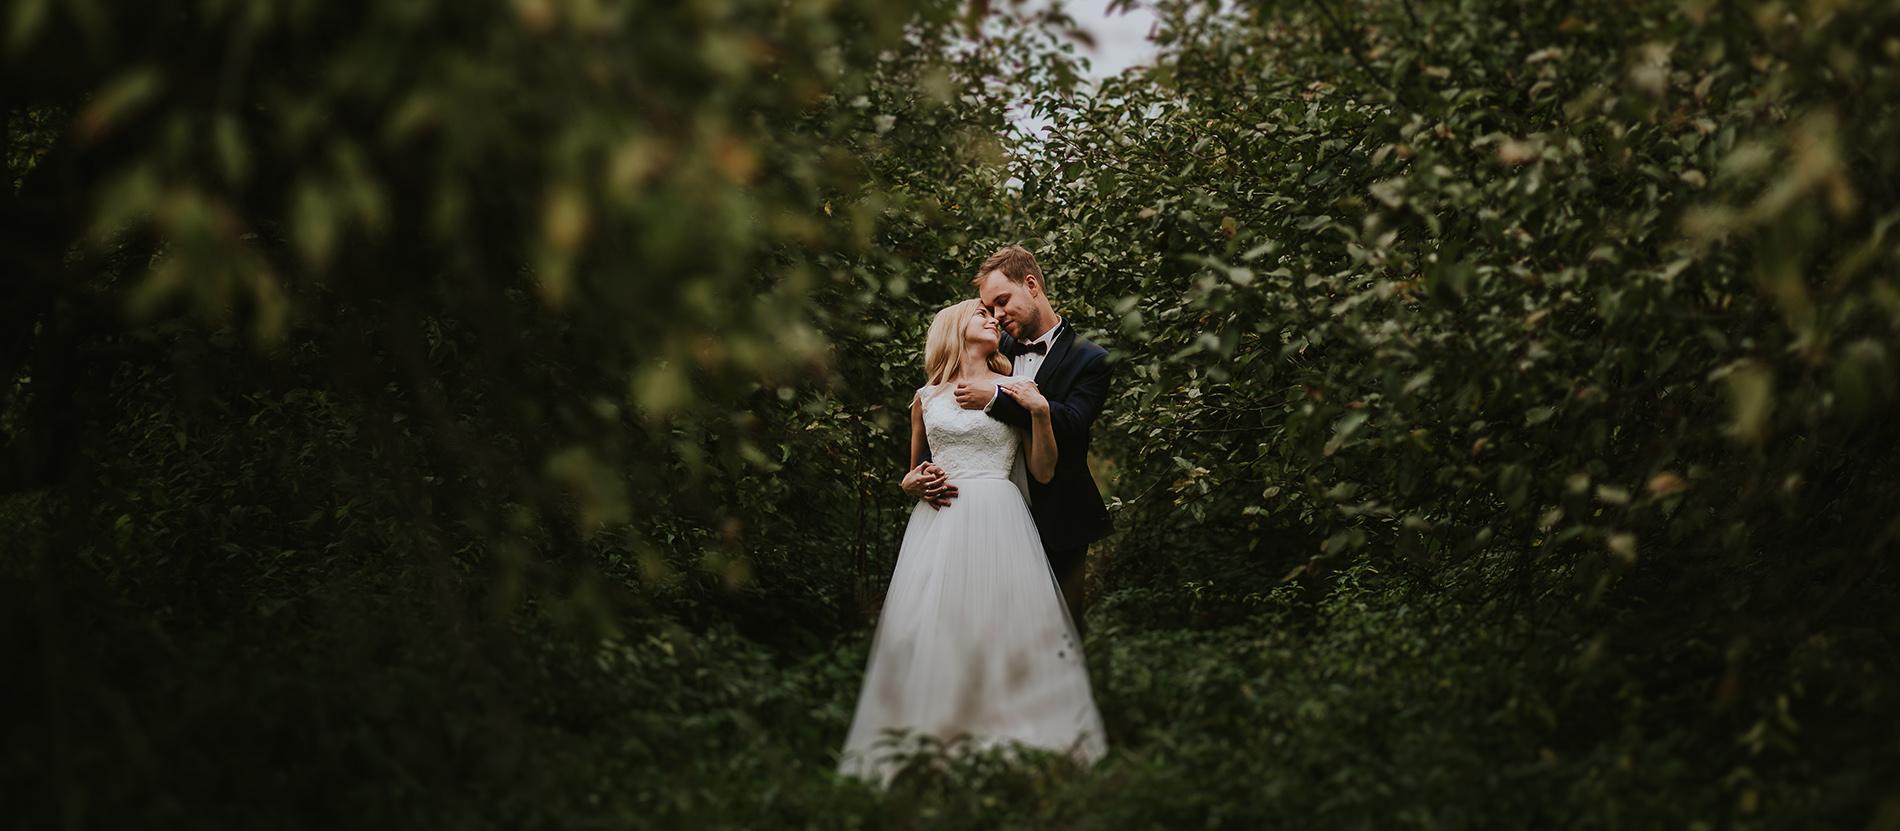 Marlena&Grzegorz – Plener